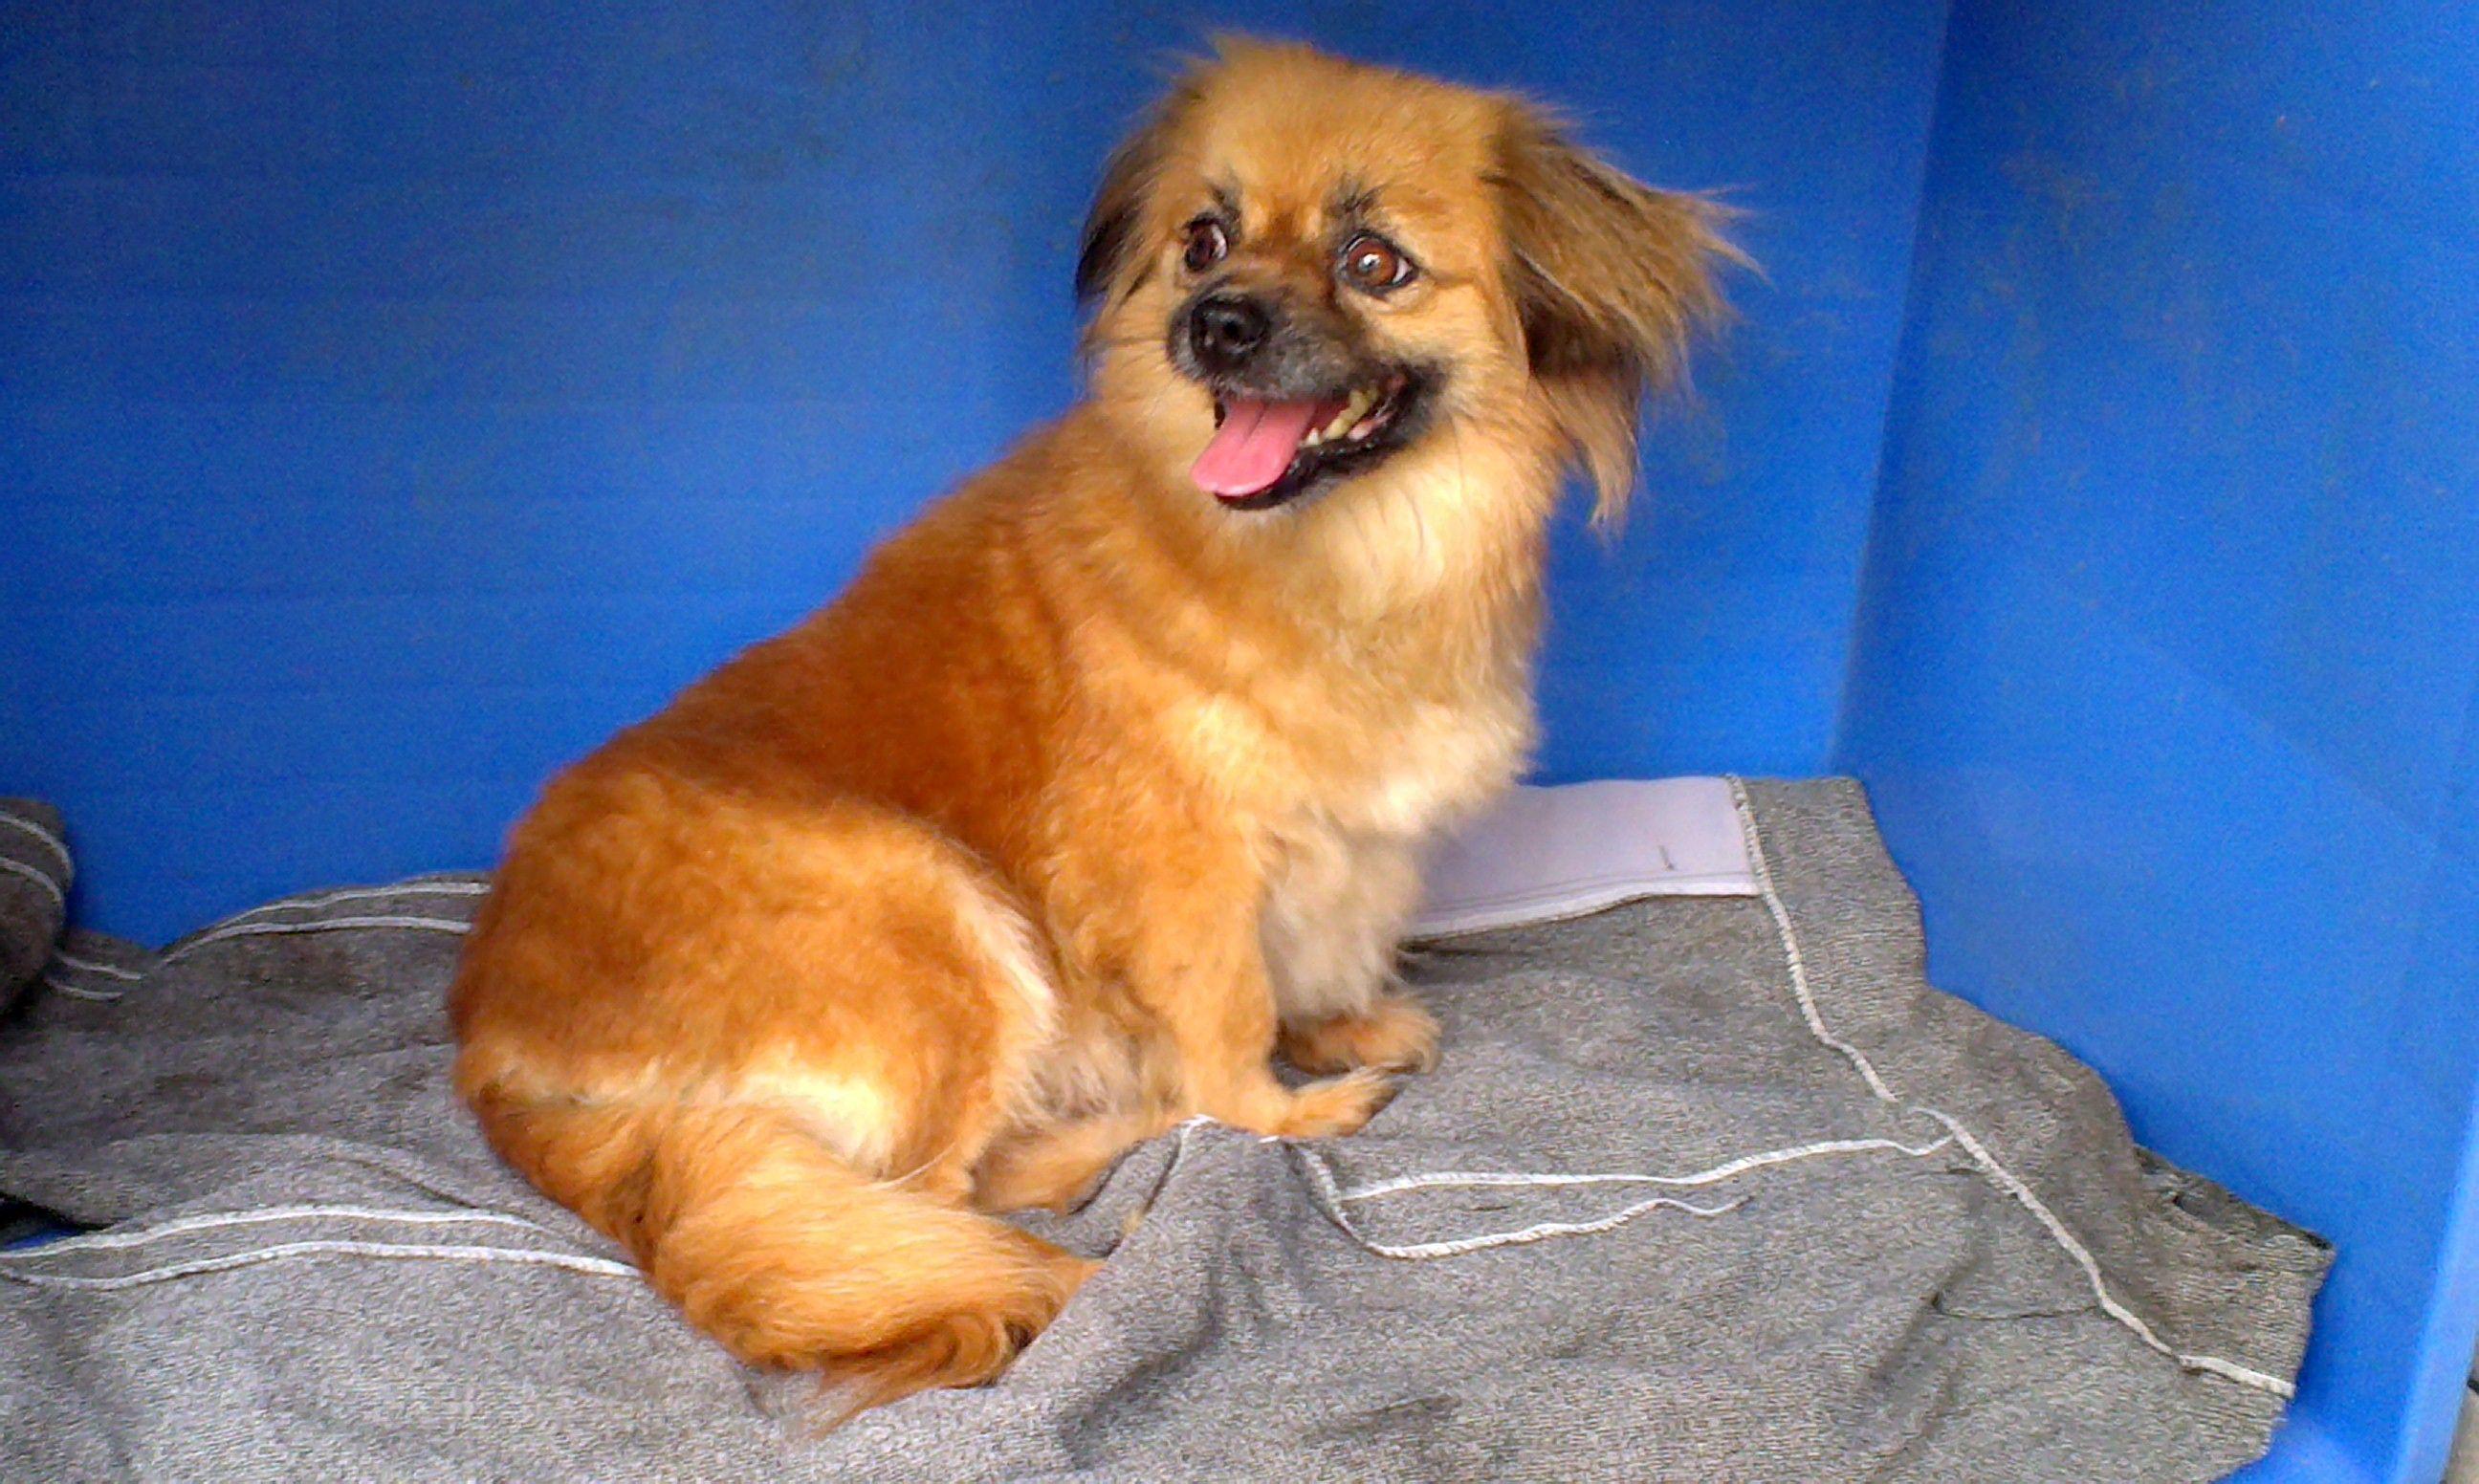 369宠物网_宠物狗的品种及图片-小型狗狗图片品种价格_狗的种类大全和图片